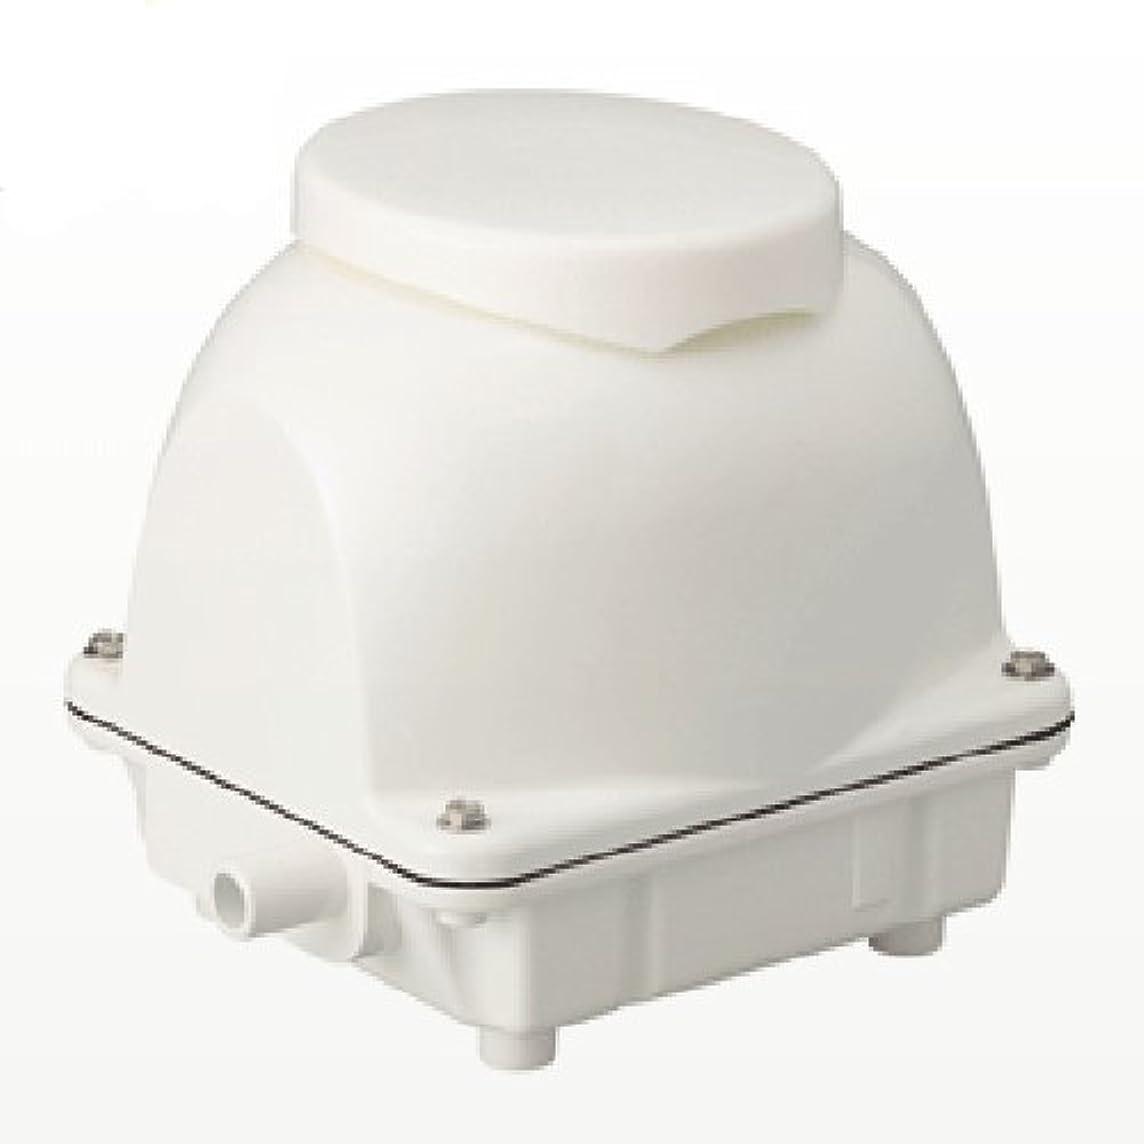 船乗り枝注意フジクリーン(旧マルカ) 浄化槽ブロワ 60L/min EcoMAC60 (MAC60N MAC60R後継機種)